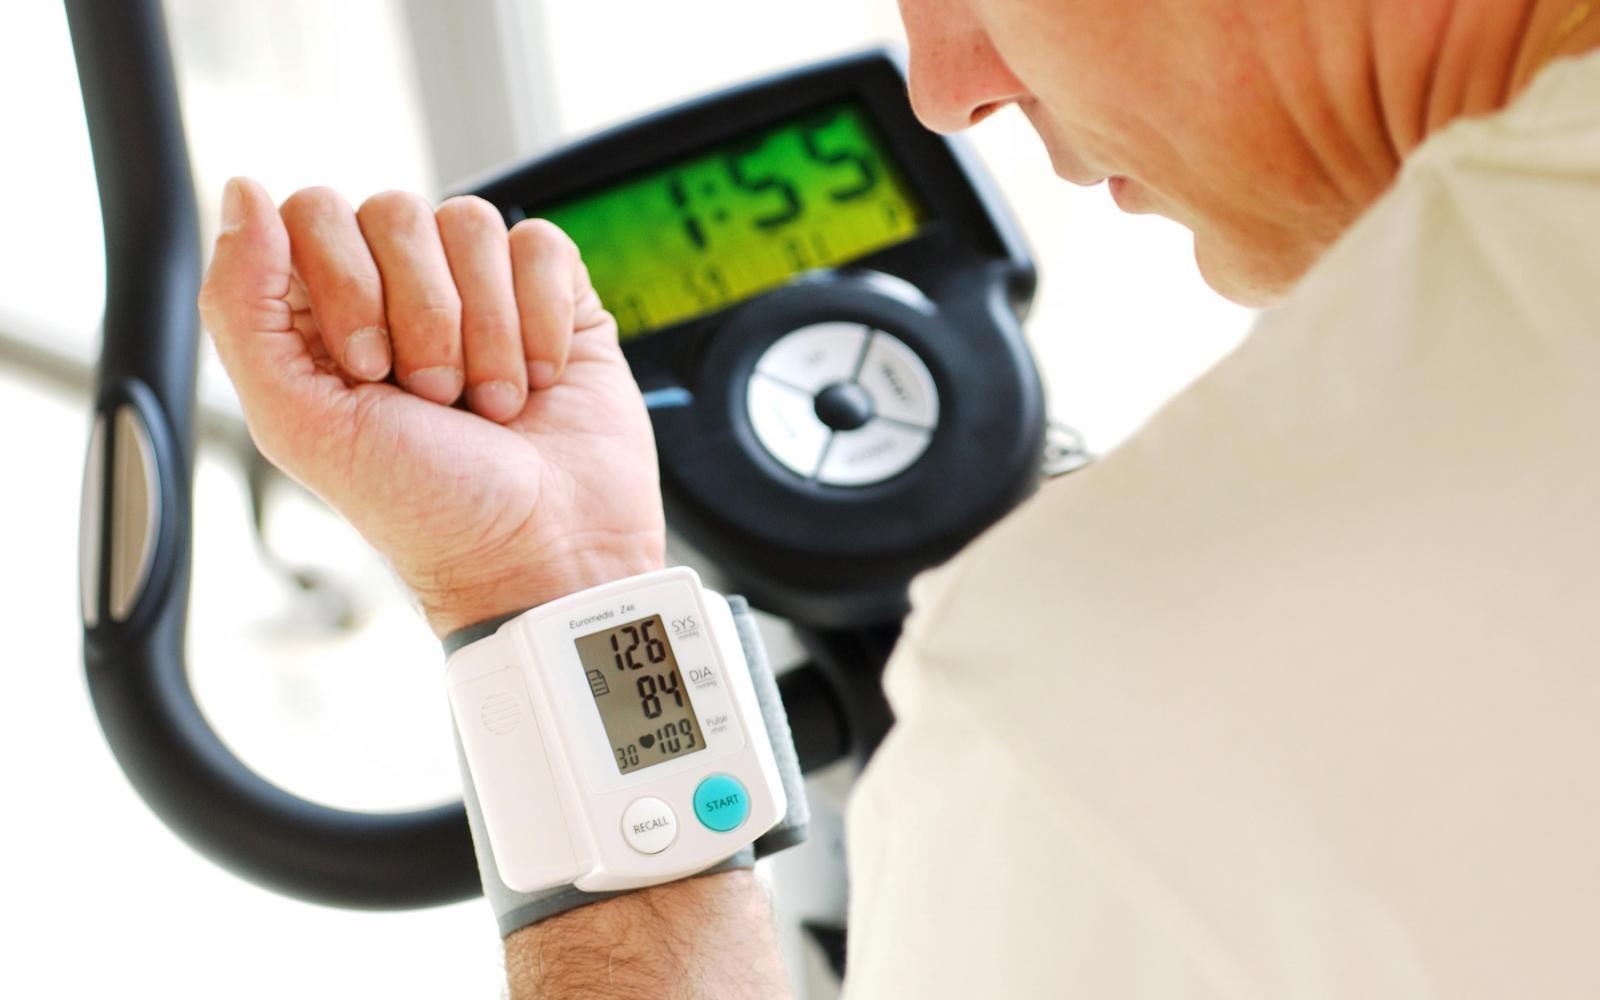 fordítsa le a magas vérnyomást ciklikusan magas vérnyomás esetén